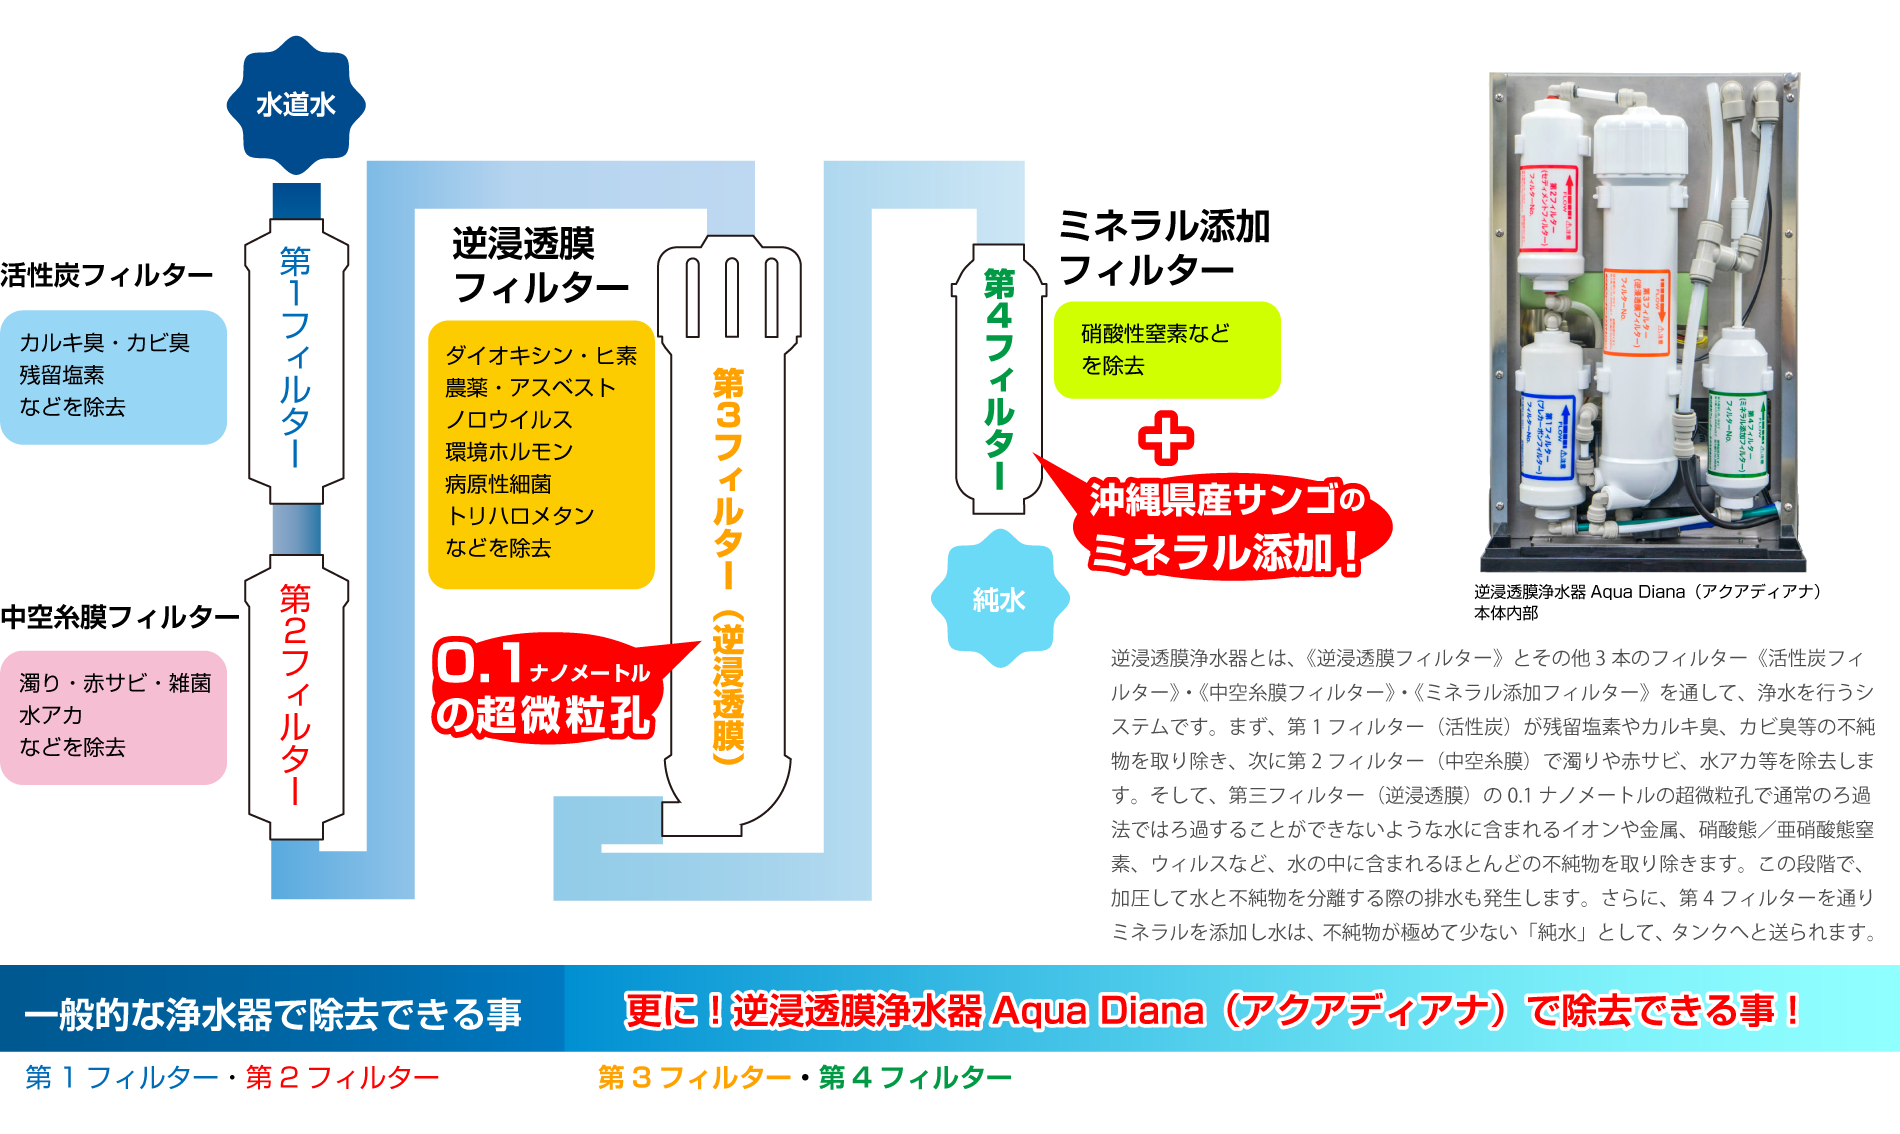 逆浸透膜浄水器とは、《逆浸透膜フィルター》とその他3本のフィルター《活性炭フィルター》・《中空糸膜フィルター》・《ミネラル添加フィルター》を通して、浄水を行うシステムです。まず、第1フィルター(活性炭)が残留塩素やカルキ臭、カビ臭等の不純物を取り除き、次に第2フィルター(中空糸膜)で濁りや赤サビ、水アカ等を除去します。そして、第三フィルター(逆浸透膜)の0.1ナノメートルの超微粒孔で通常のろ過法ではろ過することができないような水に含まれるイオンや金属、硝酸態/亜硝酸態窒素、ウィルスなど、水の中に含まれるほとんどの不純物を取り除きます。この段階で、加圧して水と不純物を分離する際の排水も発生します。さらに、第4フィルターを通りミネラルを添加し水は、不純物が極めて少ない「純水」として、タンクへと送られます。